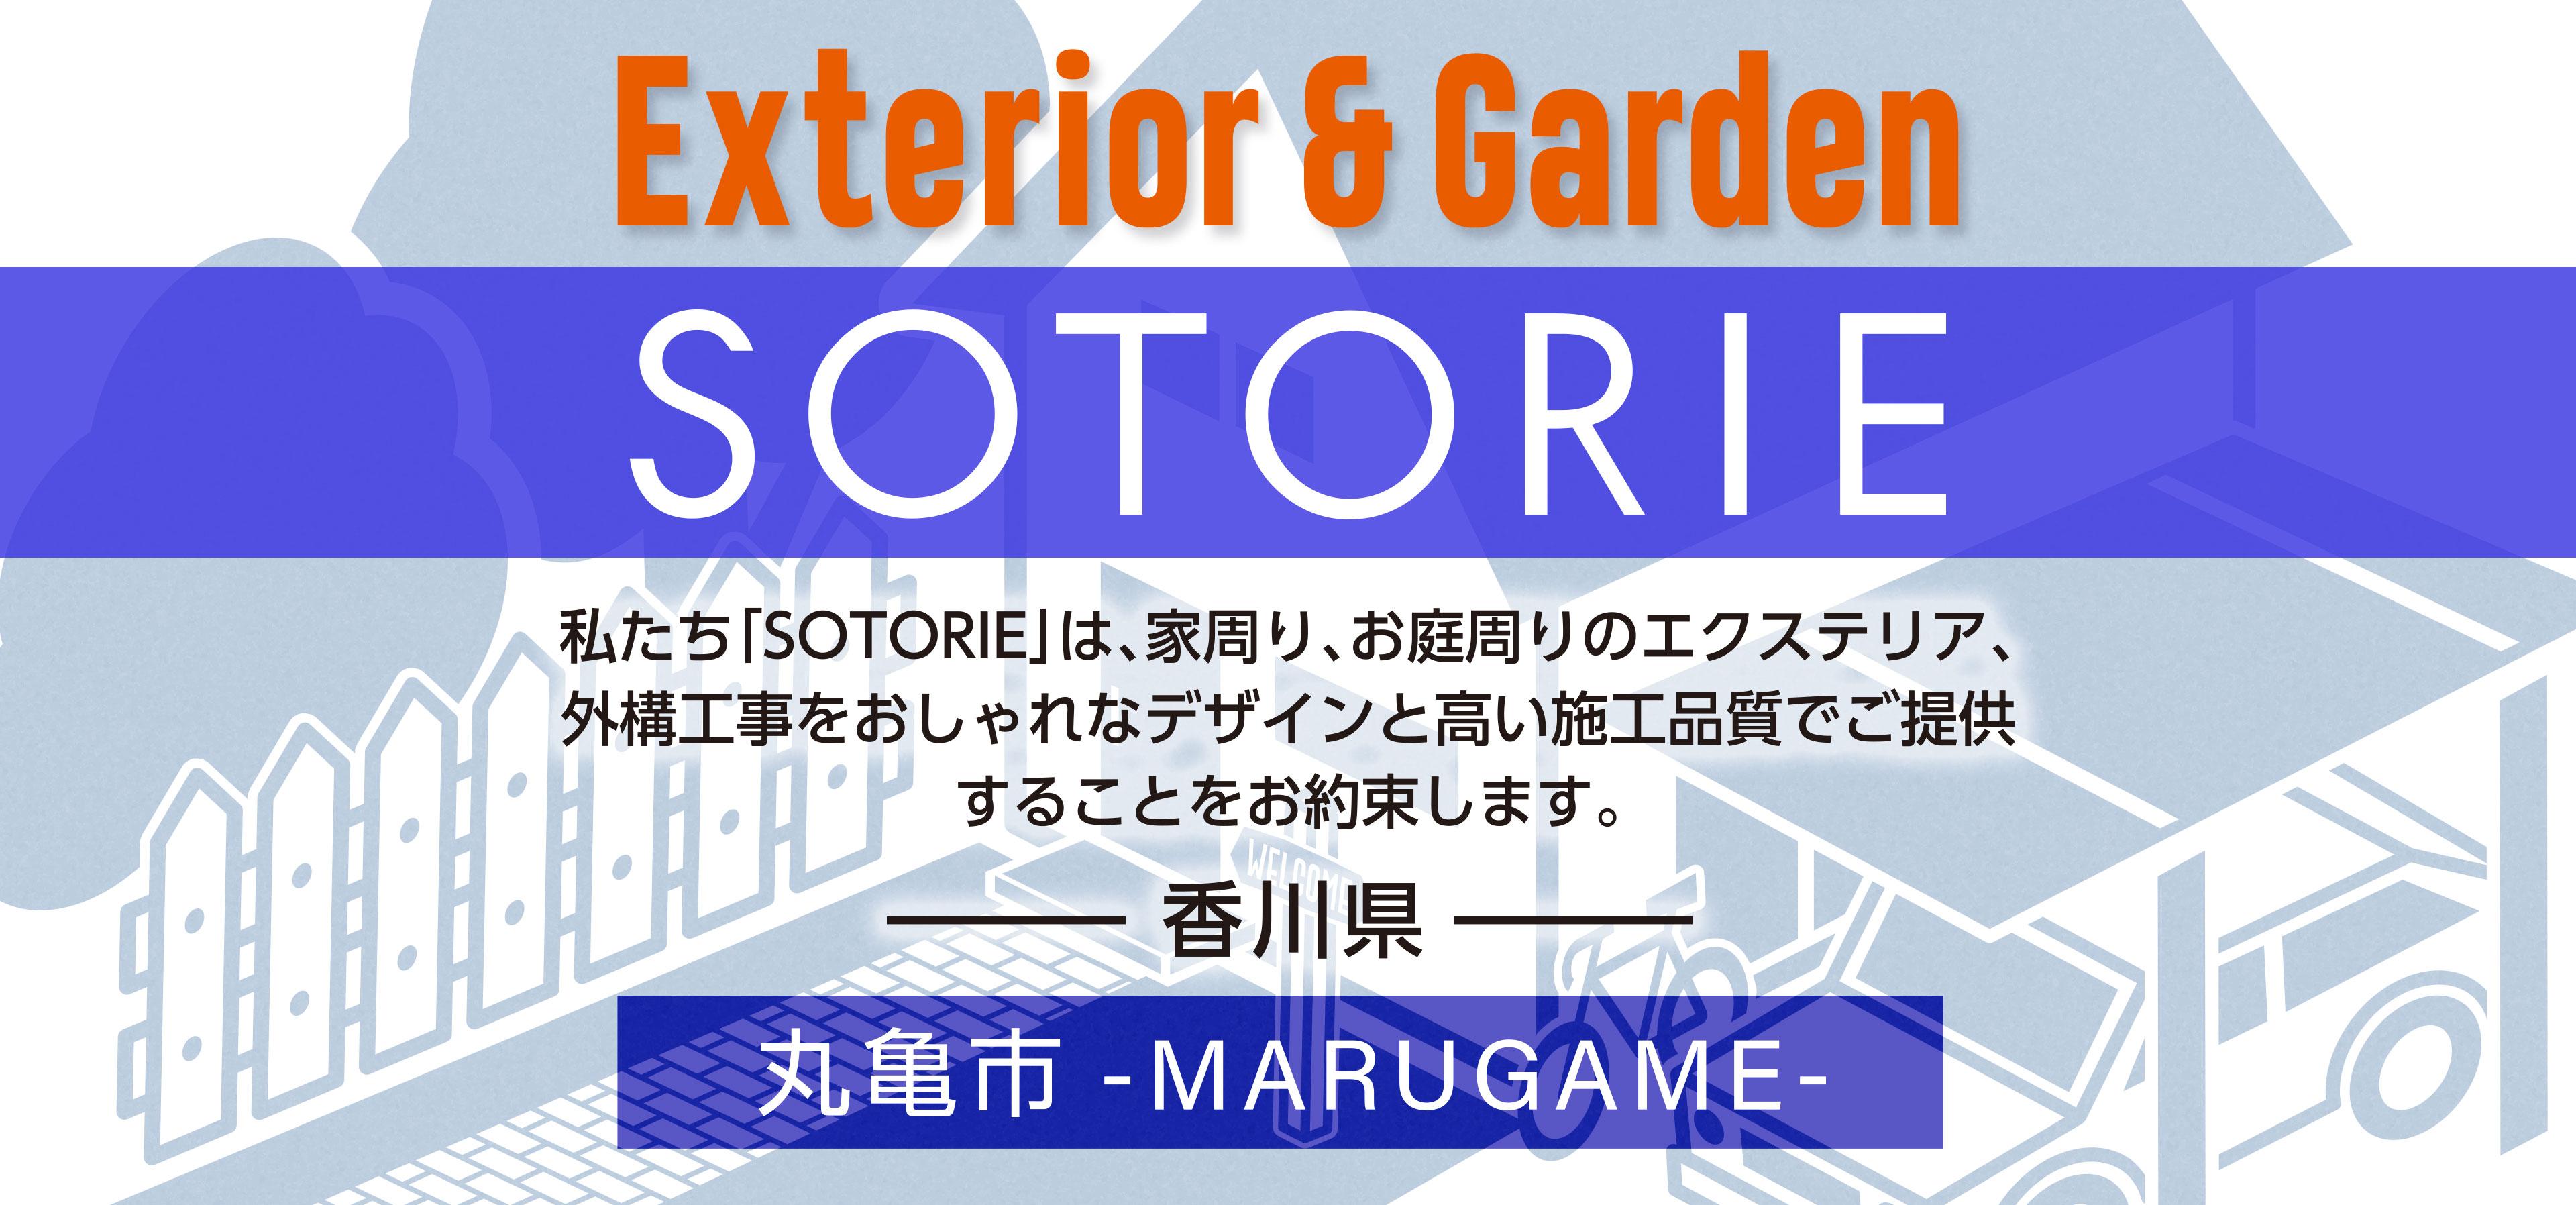 ソトリエ丸亀市では、家周りと庭周りの外構、エクステリア工事をおしゃれなデザインと高い施工品質でご提供することをお約束します。